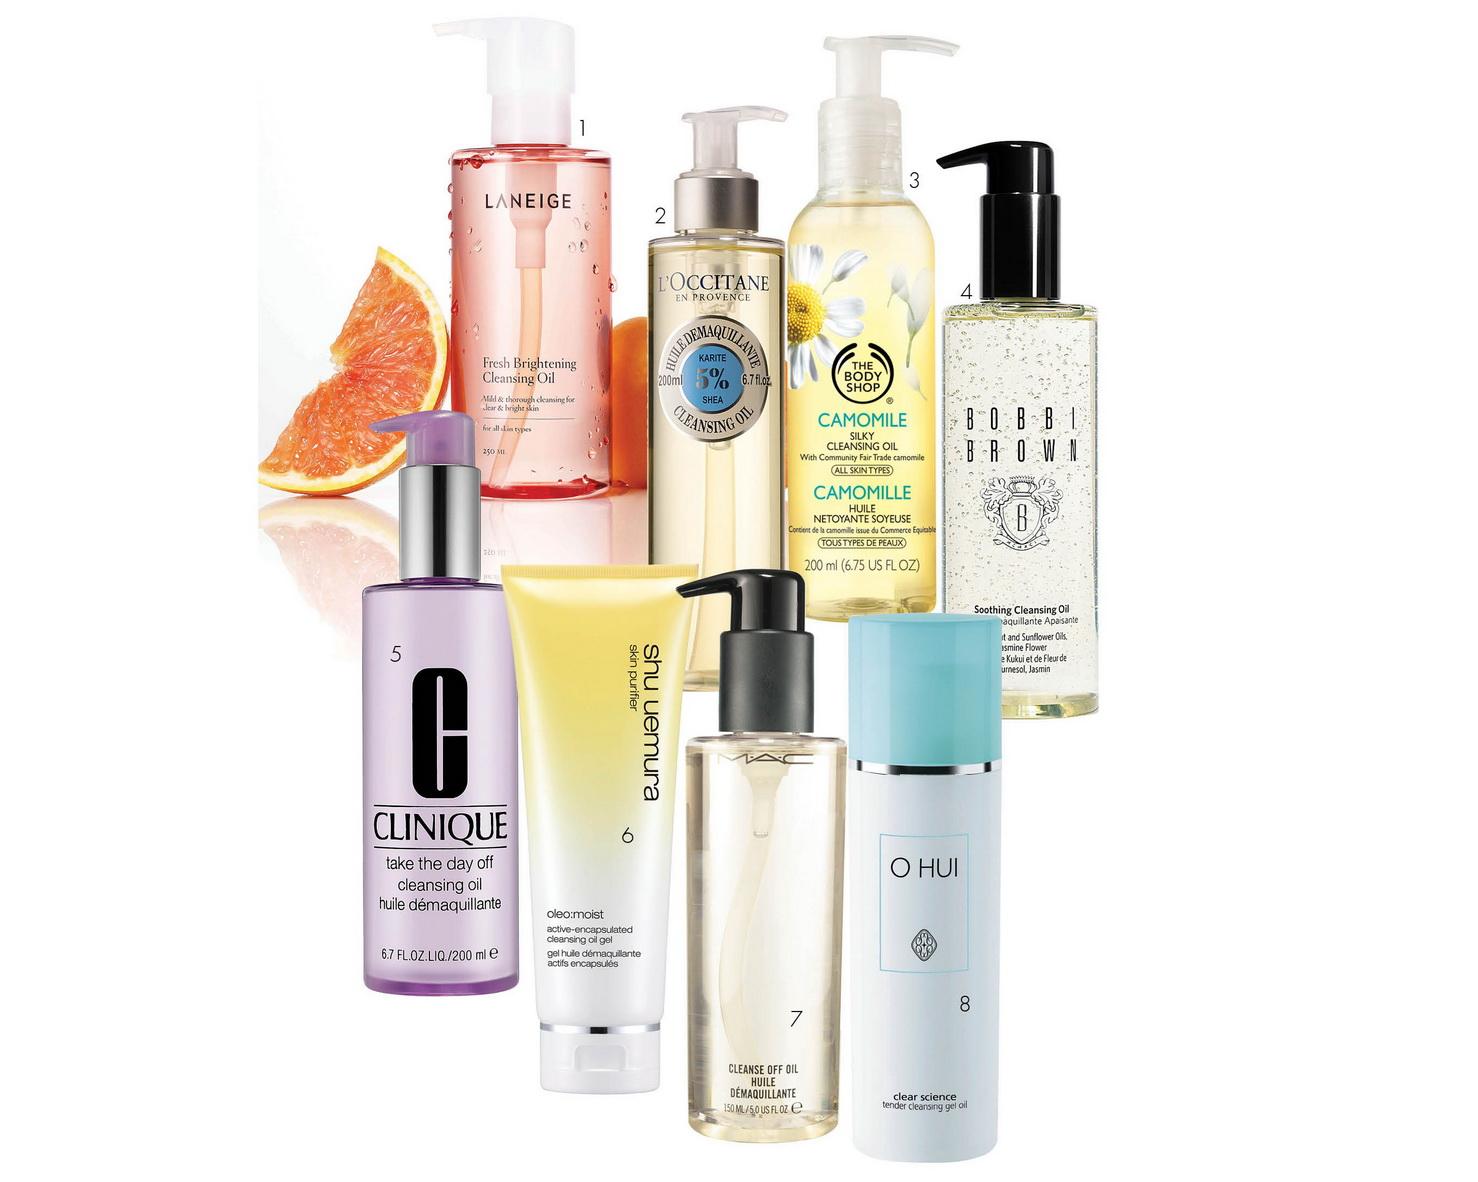 1.Laneige Fresh Brightening Cleansing Oil: Dầu tẩy trang làm sáng và thư giãn cho da với kết cấu dịu nhẹ, tươi mát. Thành phần chứa vitamin C, chiết xuất quả bưởi và hạt quả mơ. 850.000 VND. 2. L'Occitane Shea Cleansing Oil: Được tăng cường thành phần dưỡng ẩm dầu bơ đậu mỡ (5%). Làm sạch hiệu quả bụi bẩn sâu bên trong da và lớp trang điểm. 690.000 VND 3. The Body Shop Camomile Silky Cleansing Oil: Dung dịch tẩy trang dịu nhẹ thích hợp cho da nhạy cảm, đem lại cảm giác tươi mới và sạch mịn màng. 559.000 VND. 4. Bobbi Brown Soothing Cleansing Oil: Chiết xuất hoa lài, dầu hạt kukui, dầu olive, jojoba hữu cơ. Khả năng làm sạch dễ dàng thậm chí đối với mascara không trôi. 5. Clinique Take The Day Off Cleansing Oil: Dầu tẩy trang phù hợp da dầu và hỗn hợp. Làm sạch lớp nền trang điểm khó tẩy nhất. 6. shu uemura oleo: moist cleansing oil gel: Gel làm sạch và tẩy trang chứa tinh thể dầu giúp làm sạch và mềm mịn da. 990.000 VND. 7. M•A•C Cleanse Off Oil: Sản phẩm tẩy trang có thành phần dầu giúp tháo bỏ nhẹ nhàng các lớp trang điểm dày nhất kể cả sản phẩm không trôi. 730.000 VND. 8. O HUI Tender Cleansing Gel Oil: Sản phẩm tẩy trang dạng gel đặc biệt thích hợp cho da mẫn cảm, dễ kích ứng. 850.000 VND.